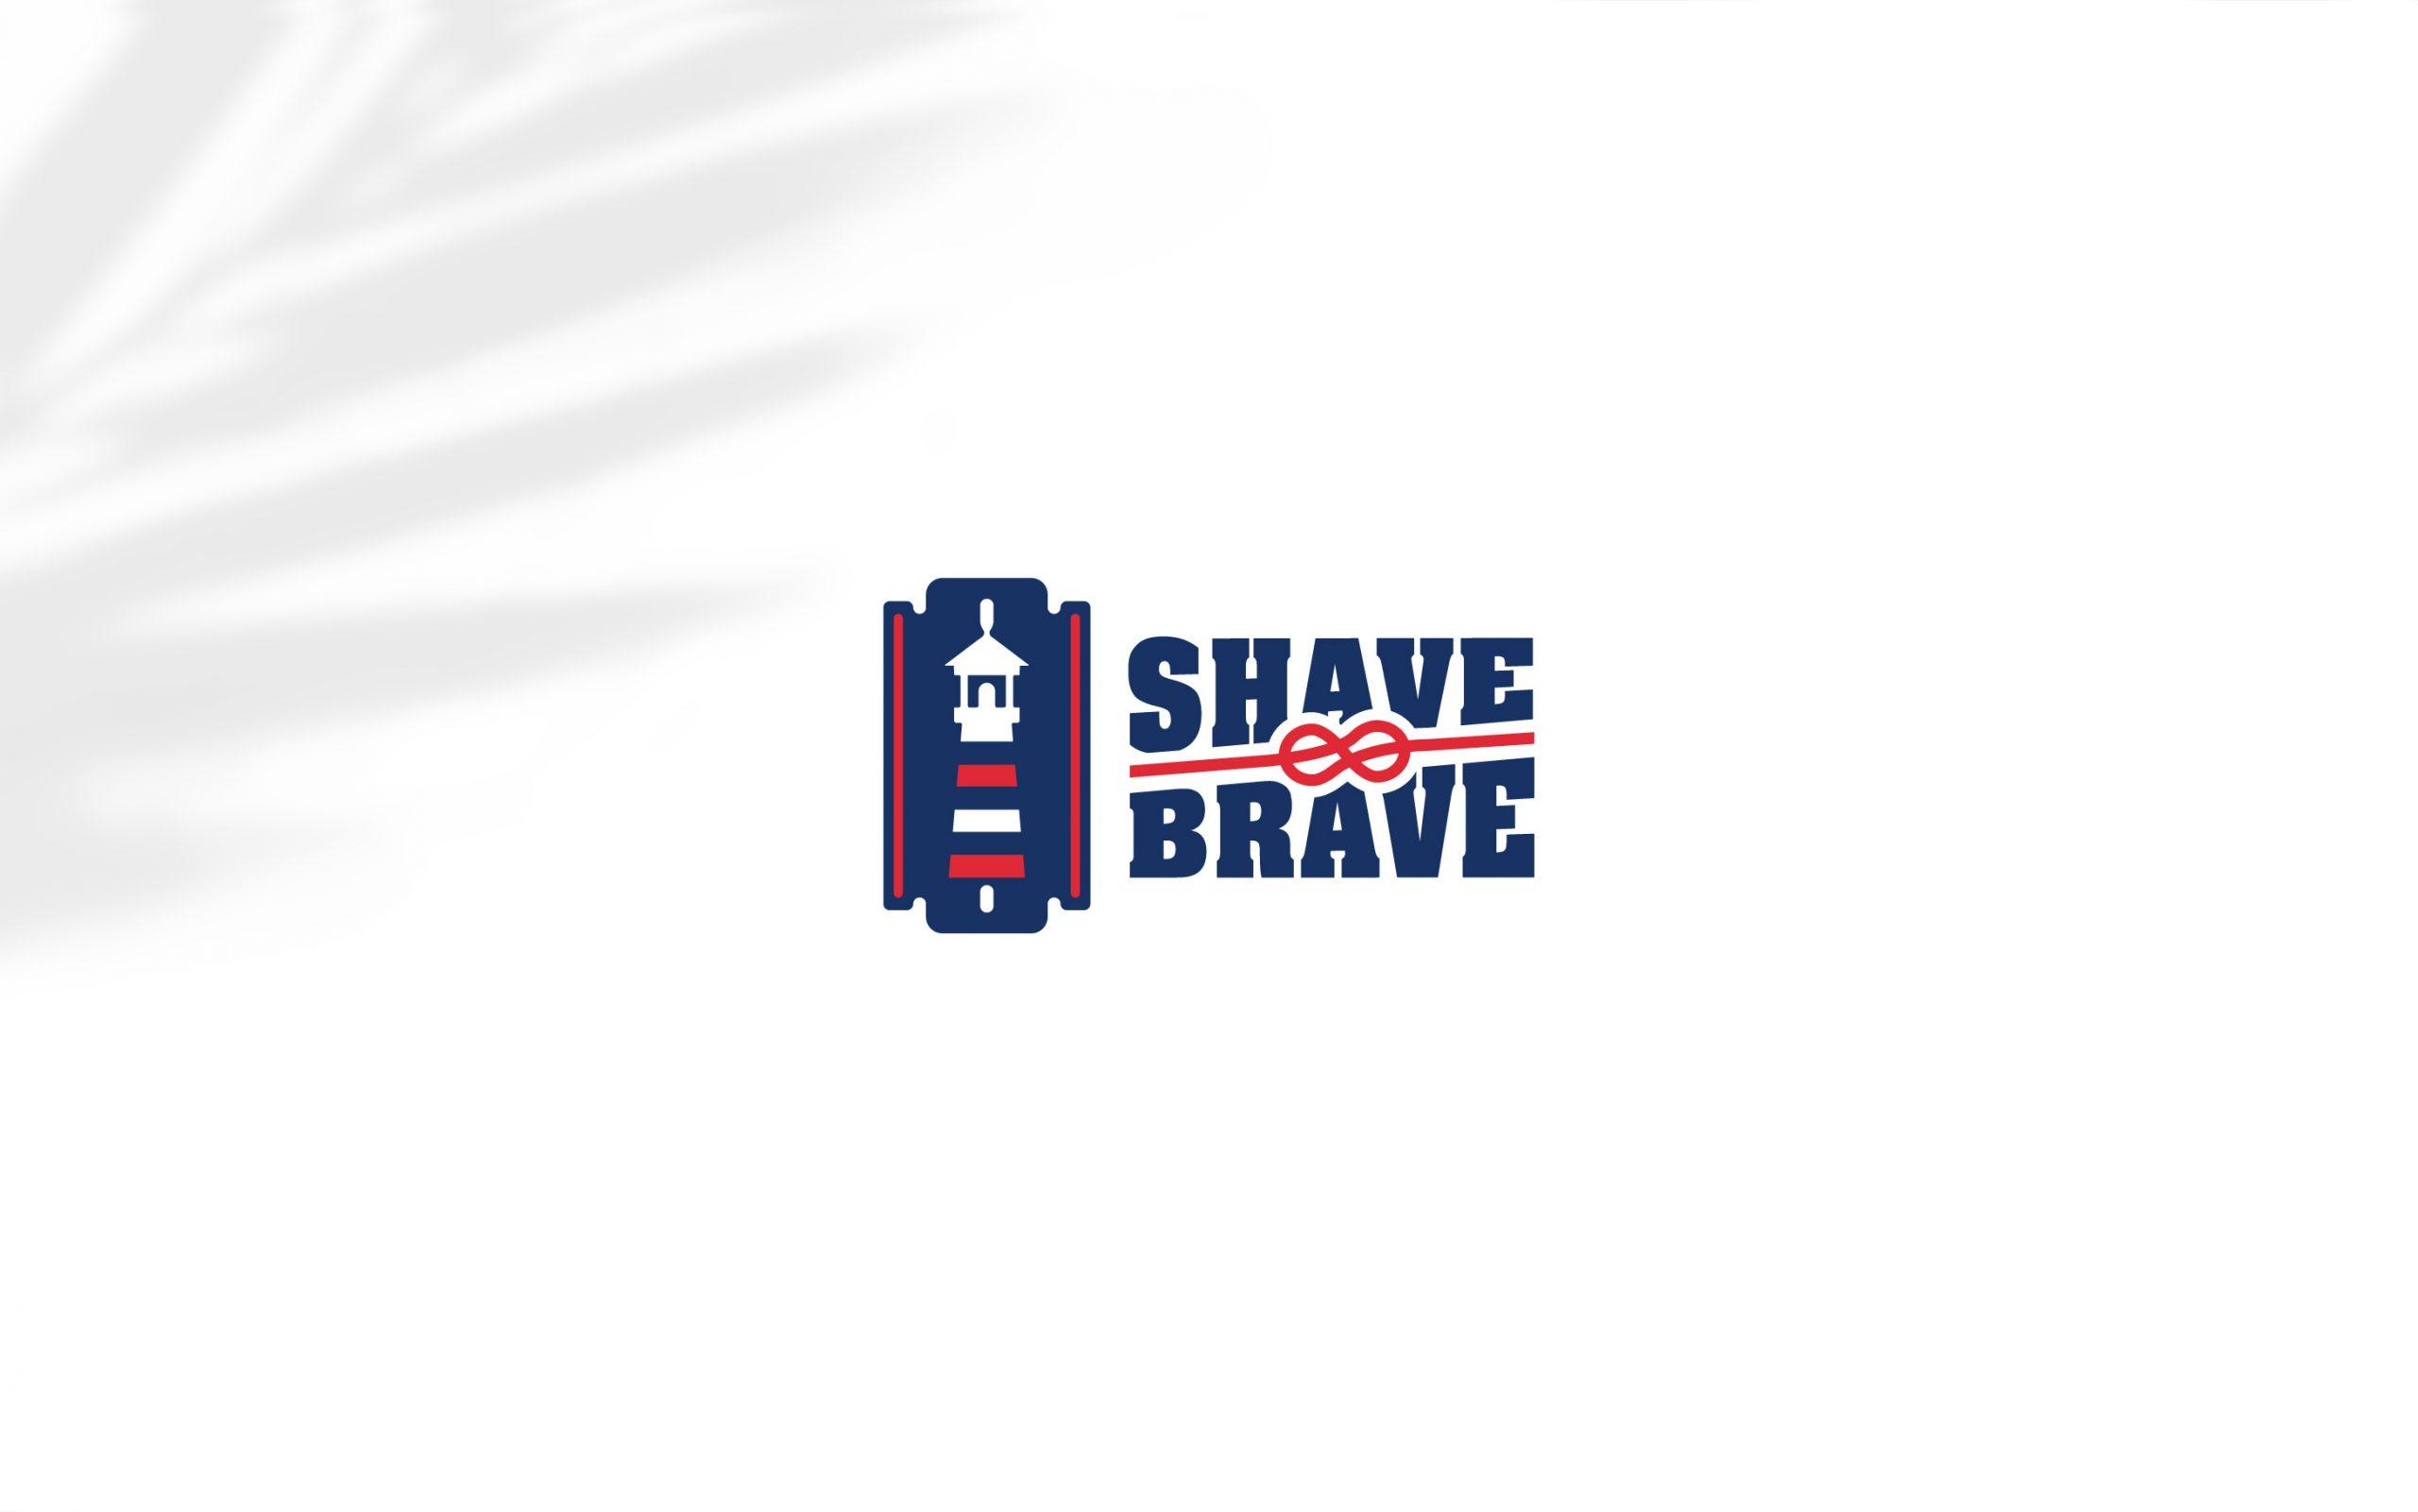 shave brave 2